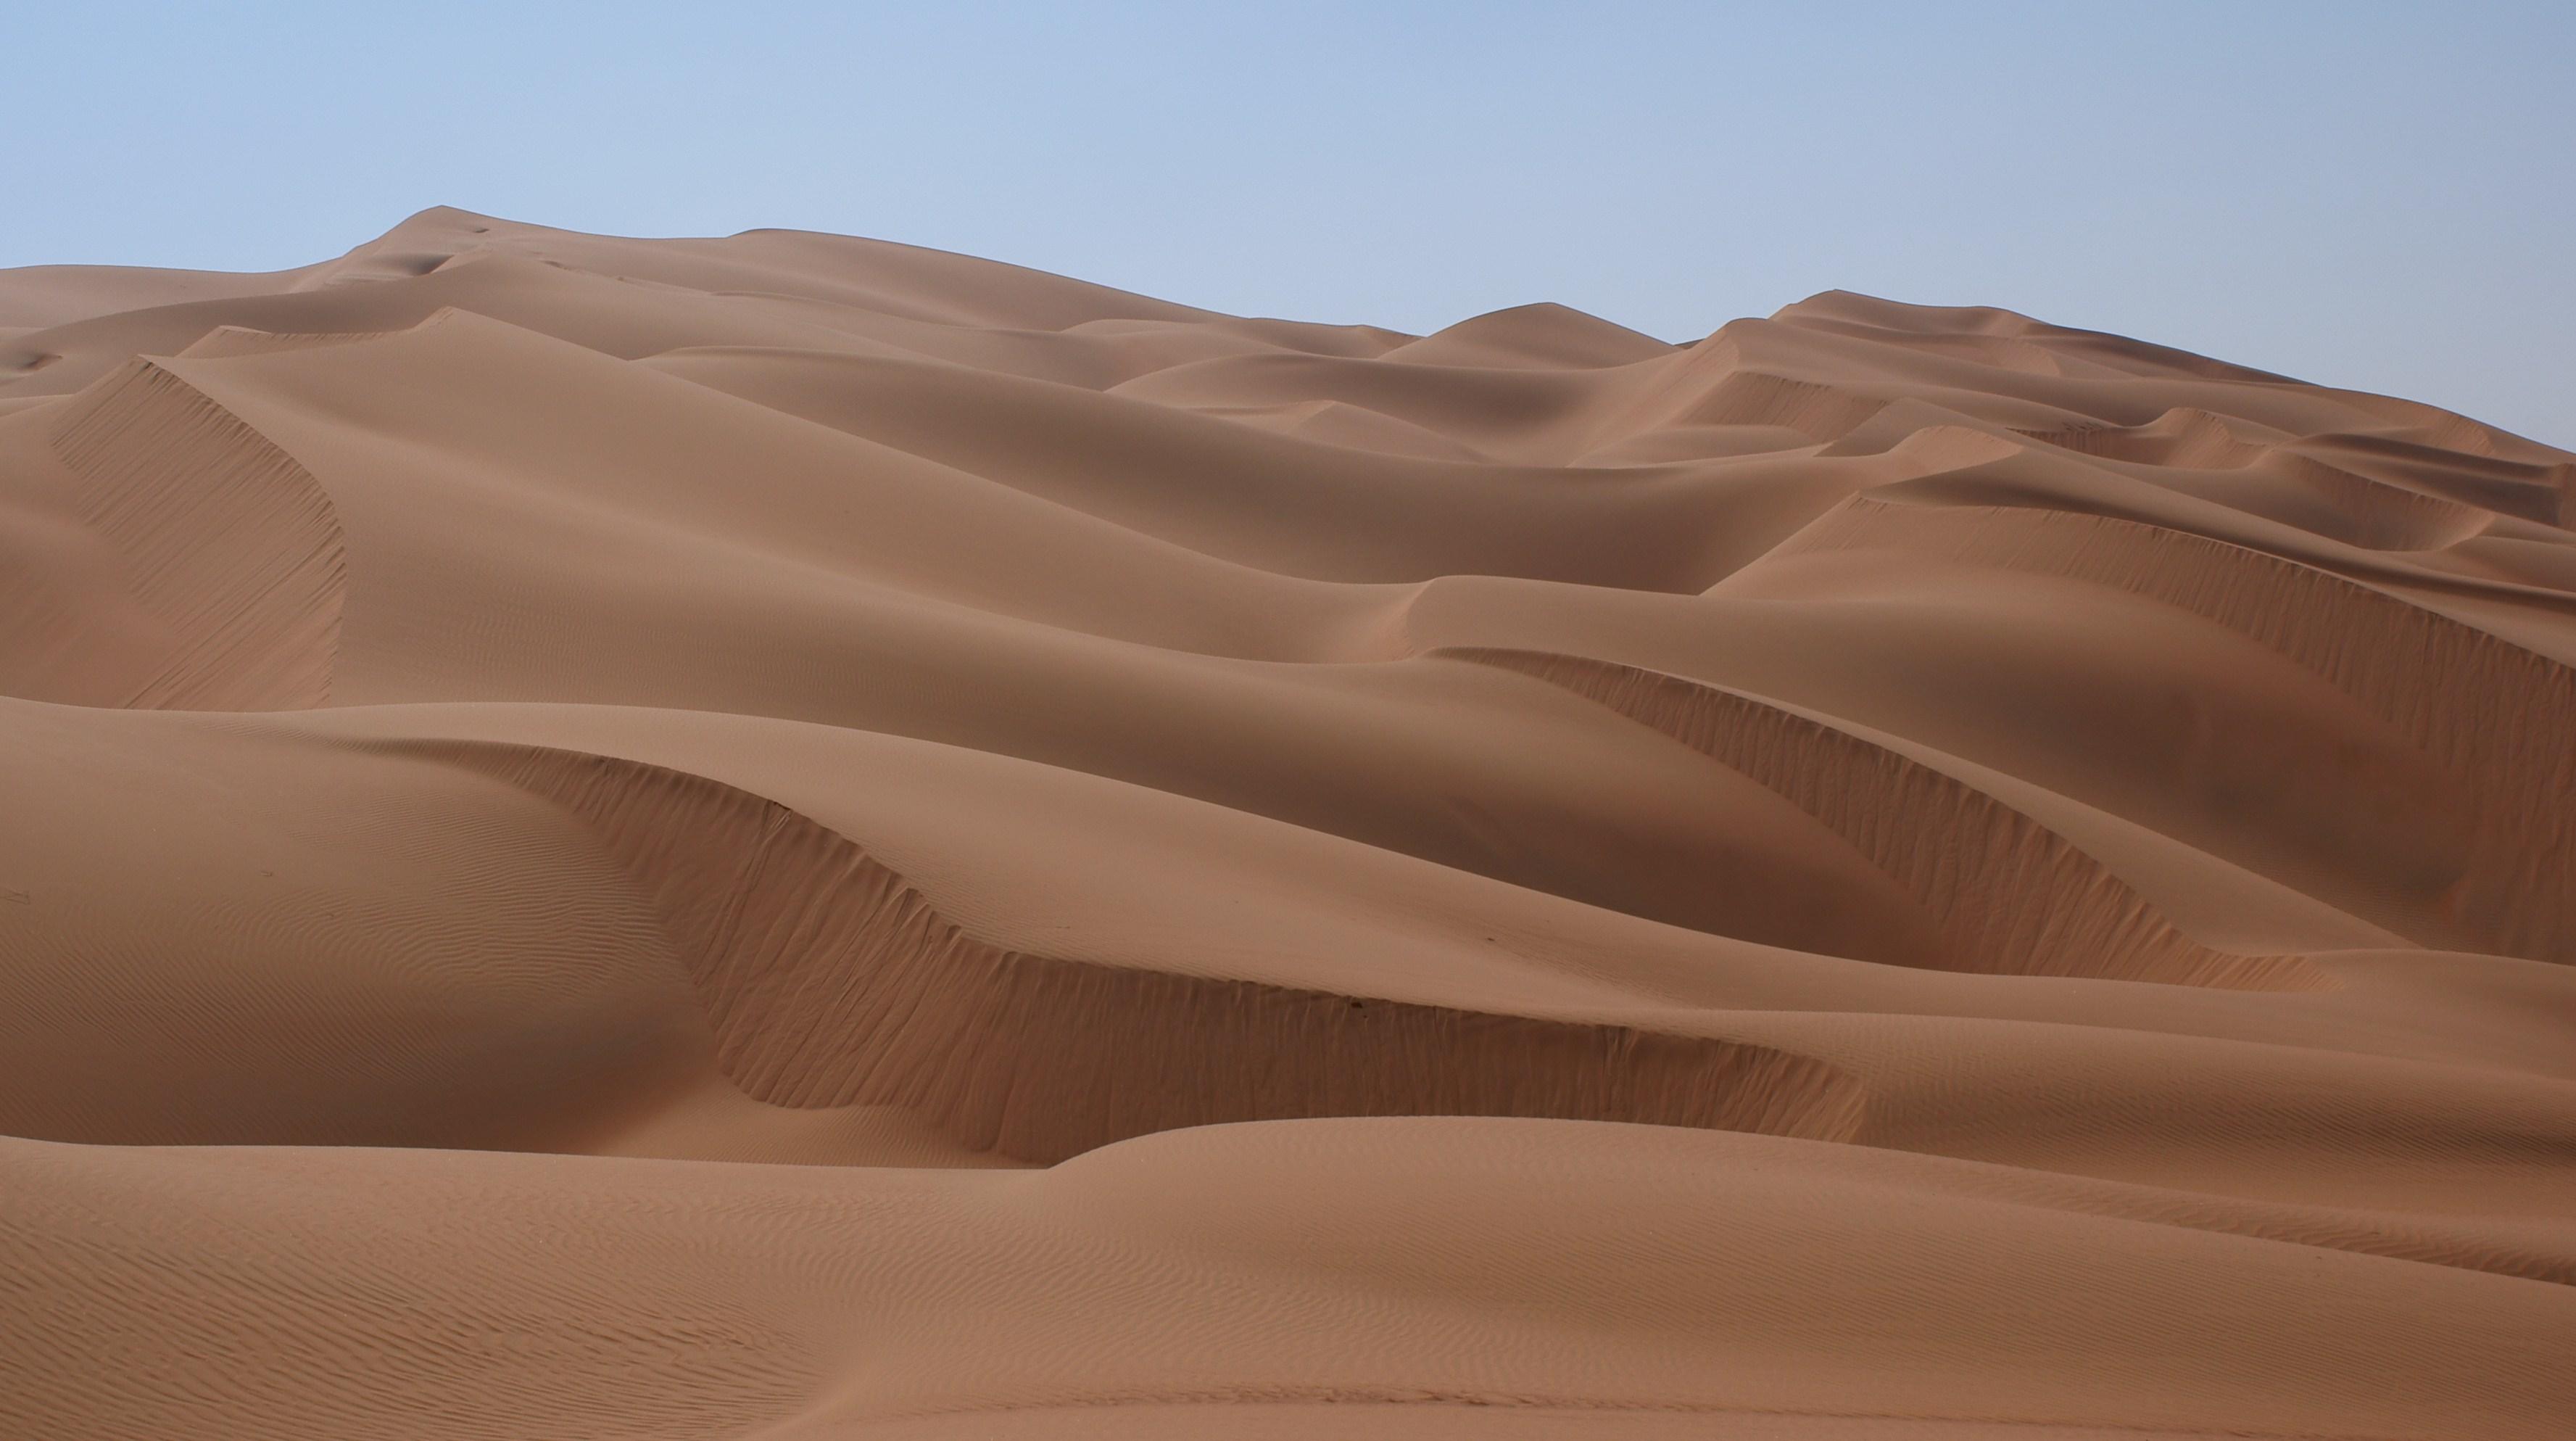 السعودية تكشف عن مشروع جديد للبحث عن المياه في الربع الخالي